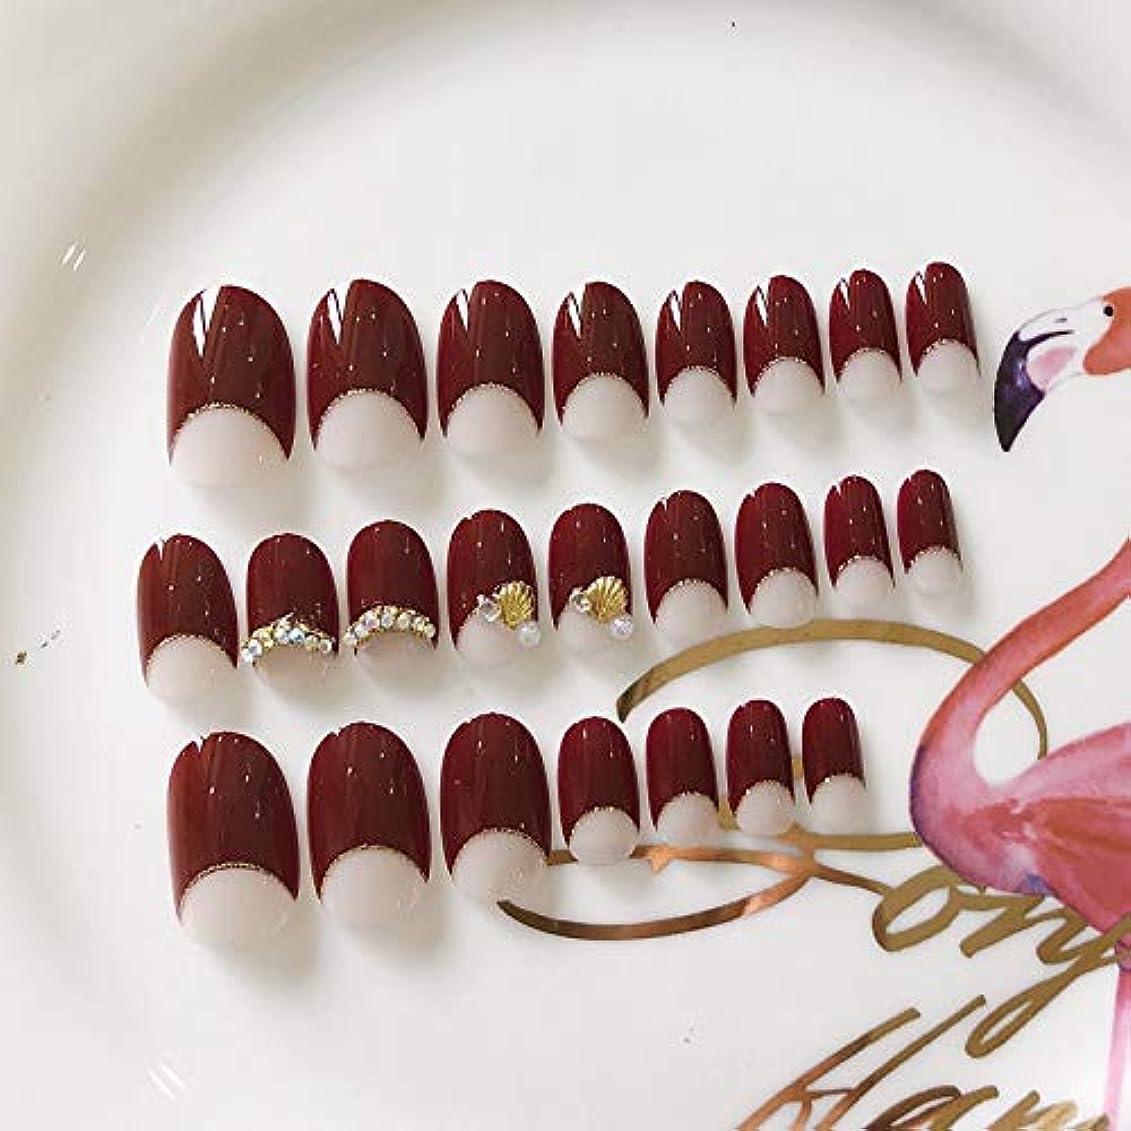 神のパーセント厳しいJonathan ハンドケア 偽爪キット24pcs赤とパールエレガントタッチフレンチマニキュアフェイクネイルグルーフルカバーミディアムレングス